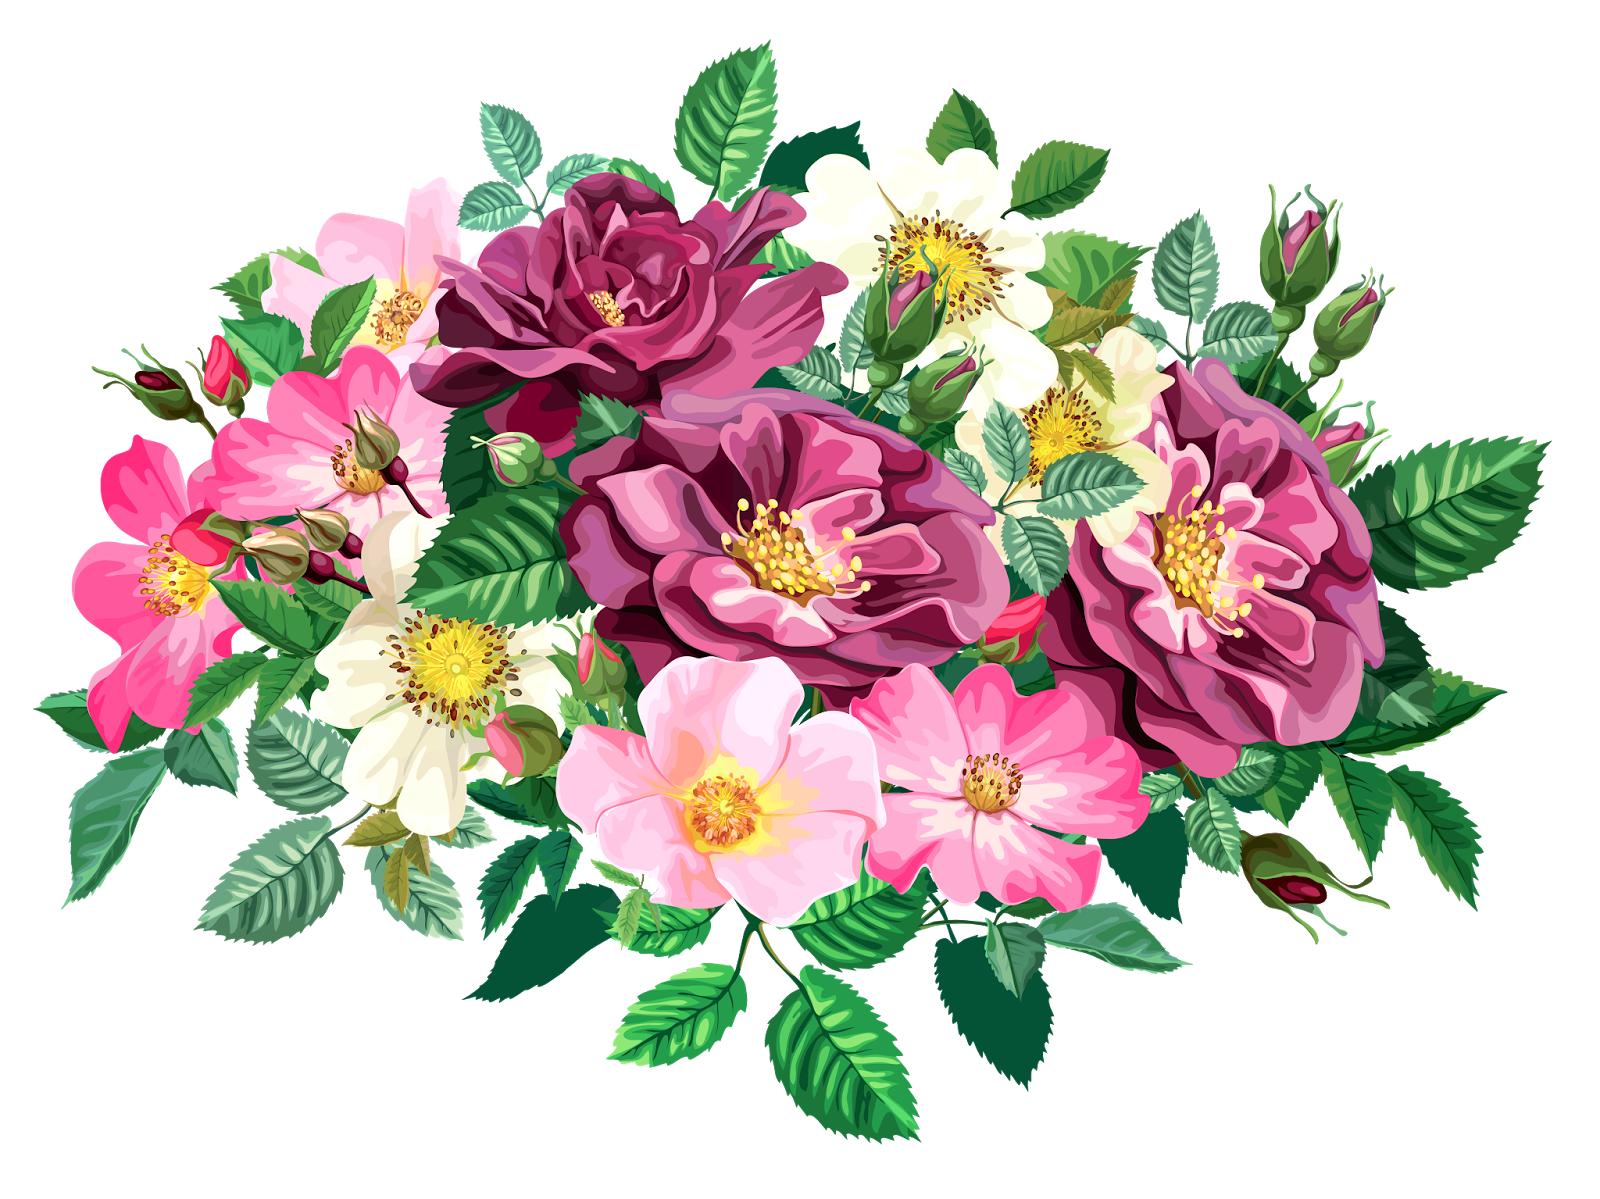 Rose Bouquet Clipart Transparent Design Patterns Studio Flower Art Flower Clipart Watercolor Rose